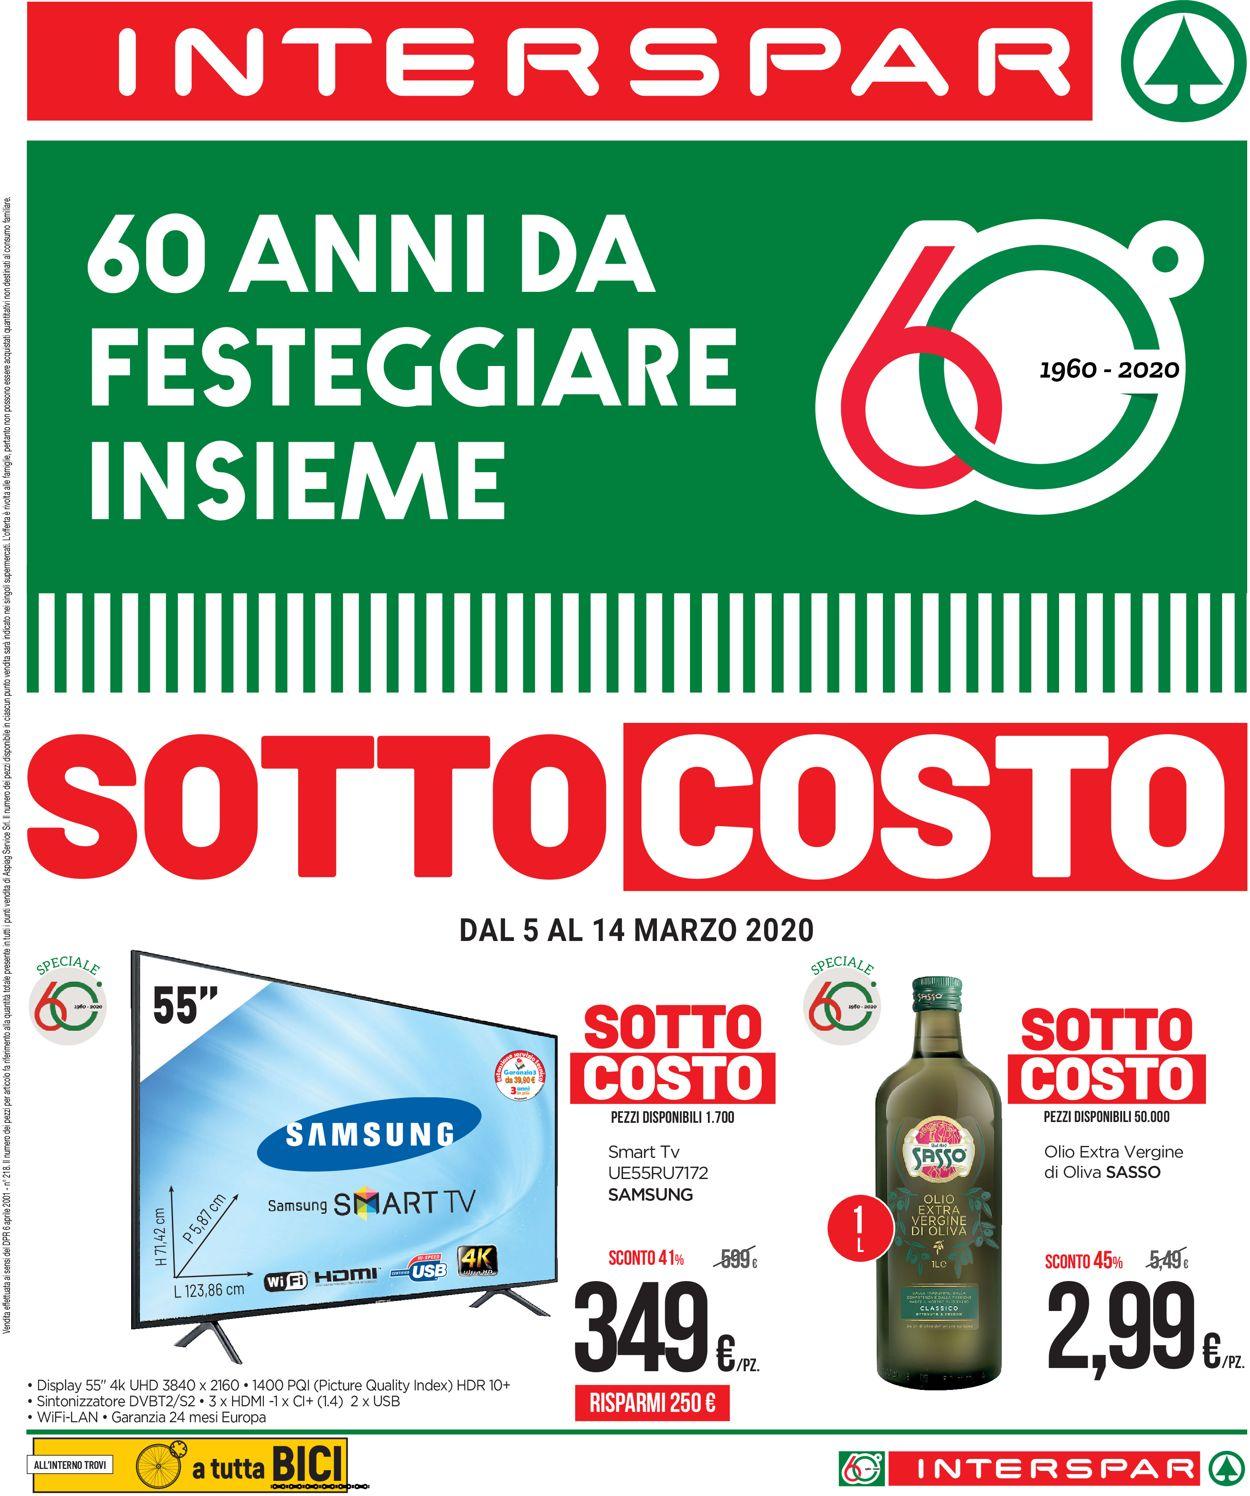 Volantino Eurospar - Offerte 05/03-14/03/2020